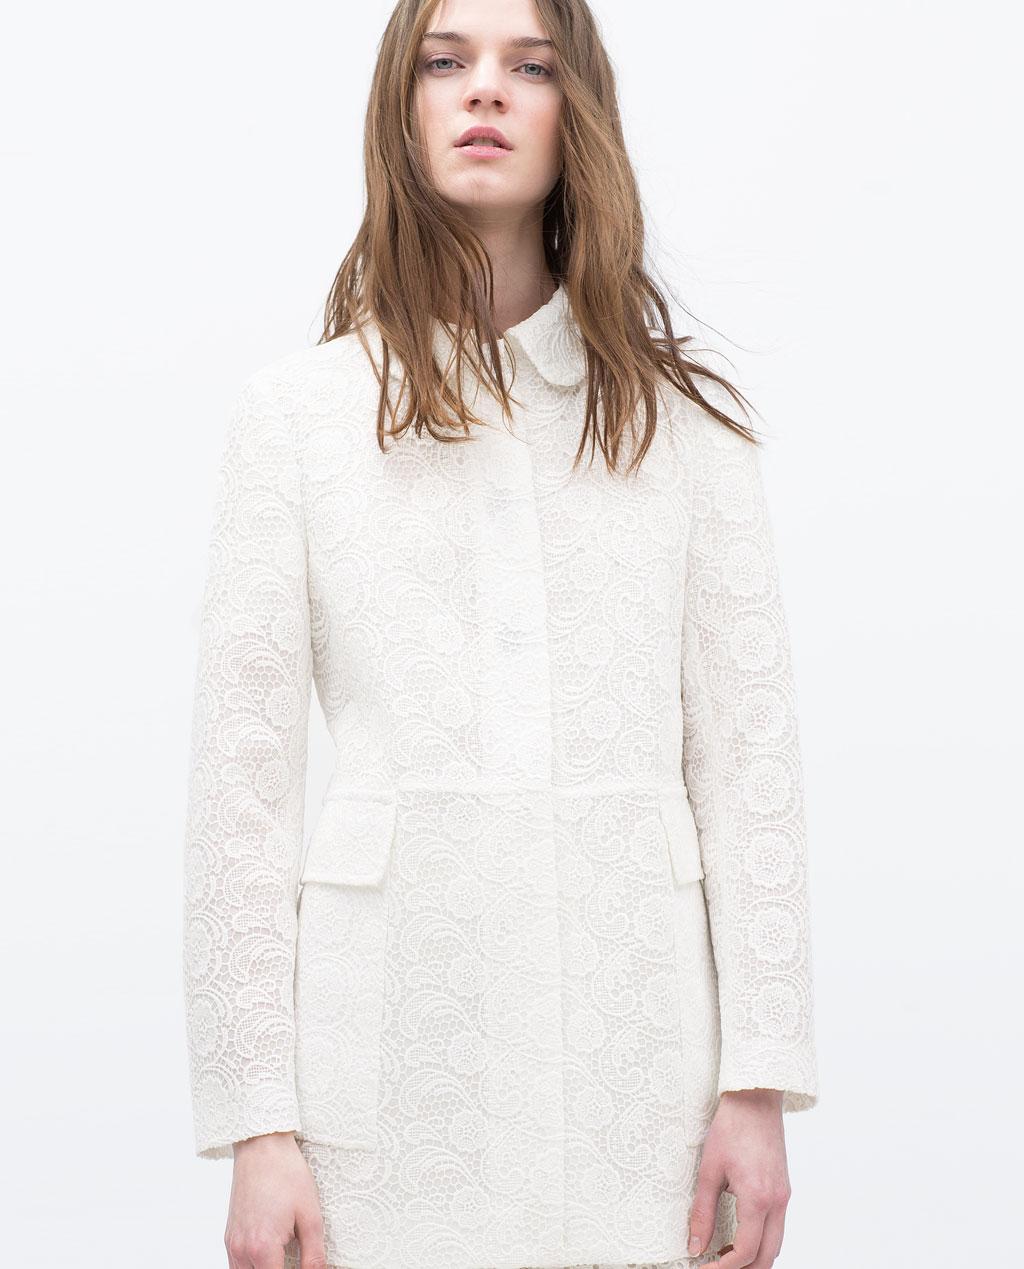 Zara, Lace Coat £99.99